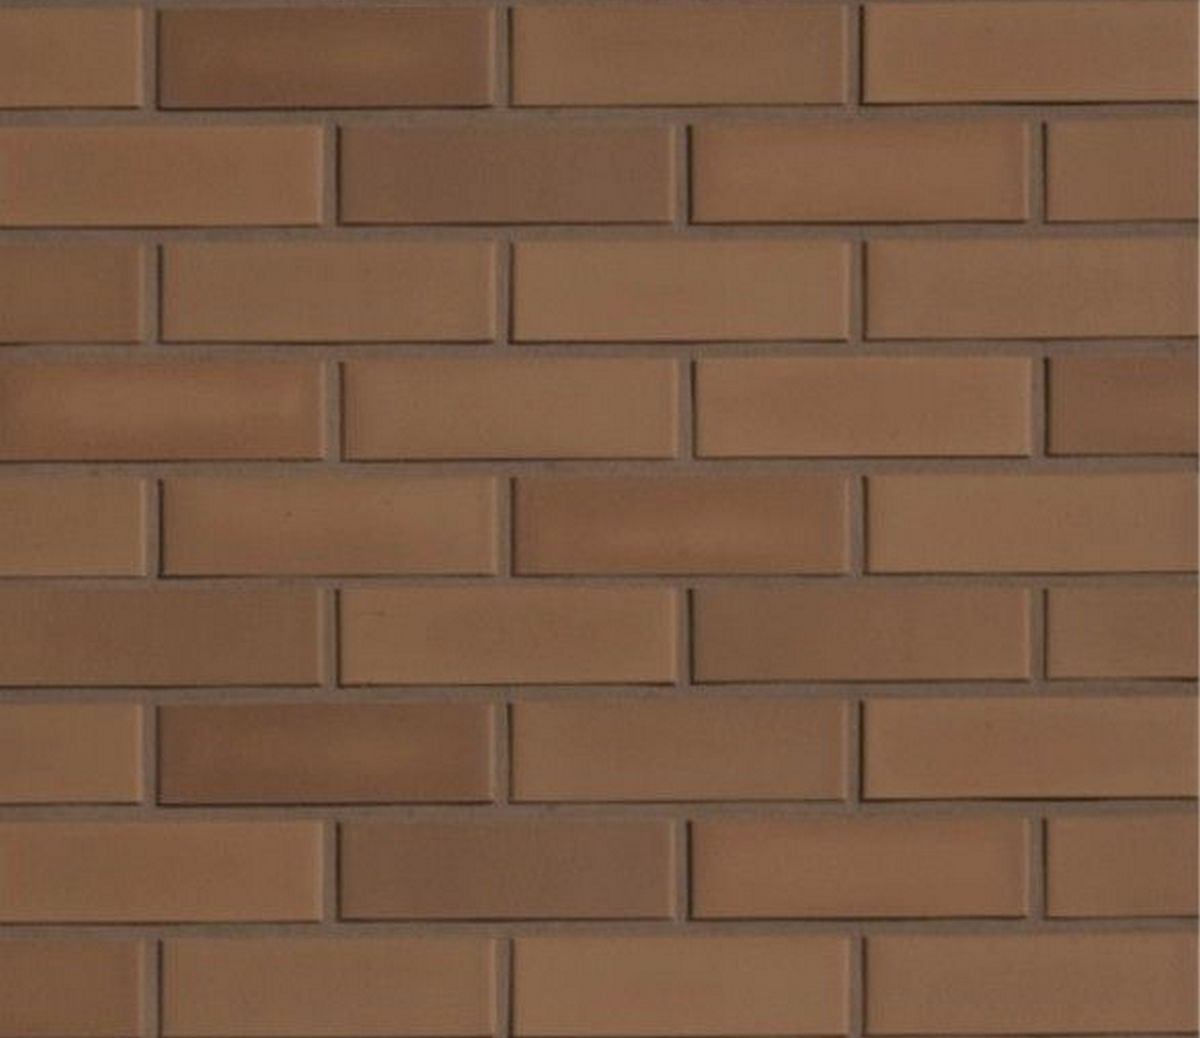 Клинкерная фасадная плитка под кирпич Roben Braun glatt, 240*9*71 мм